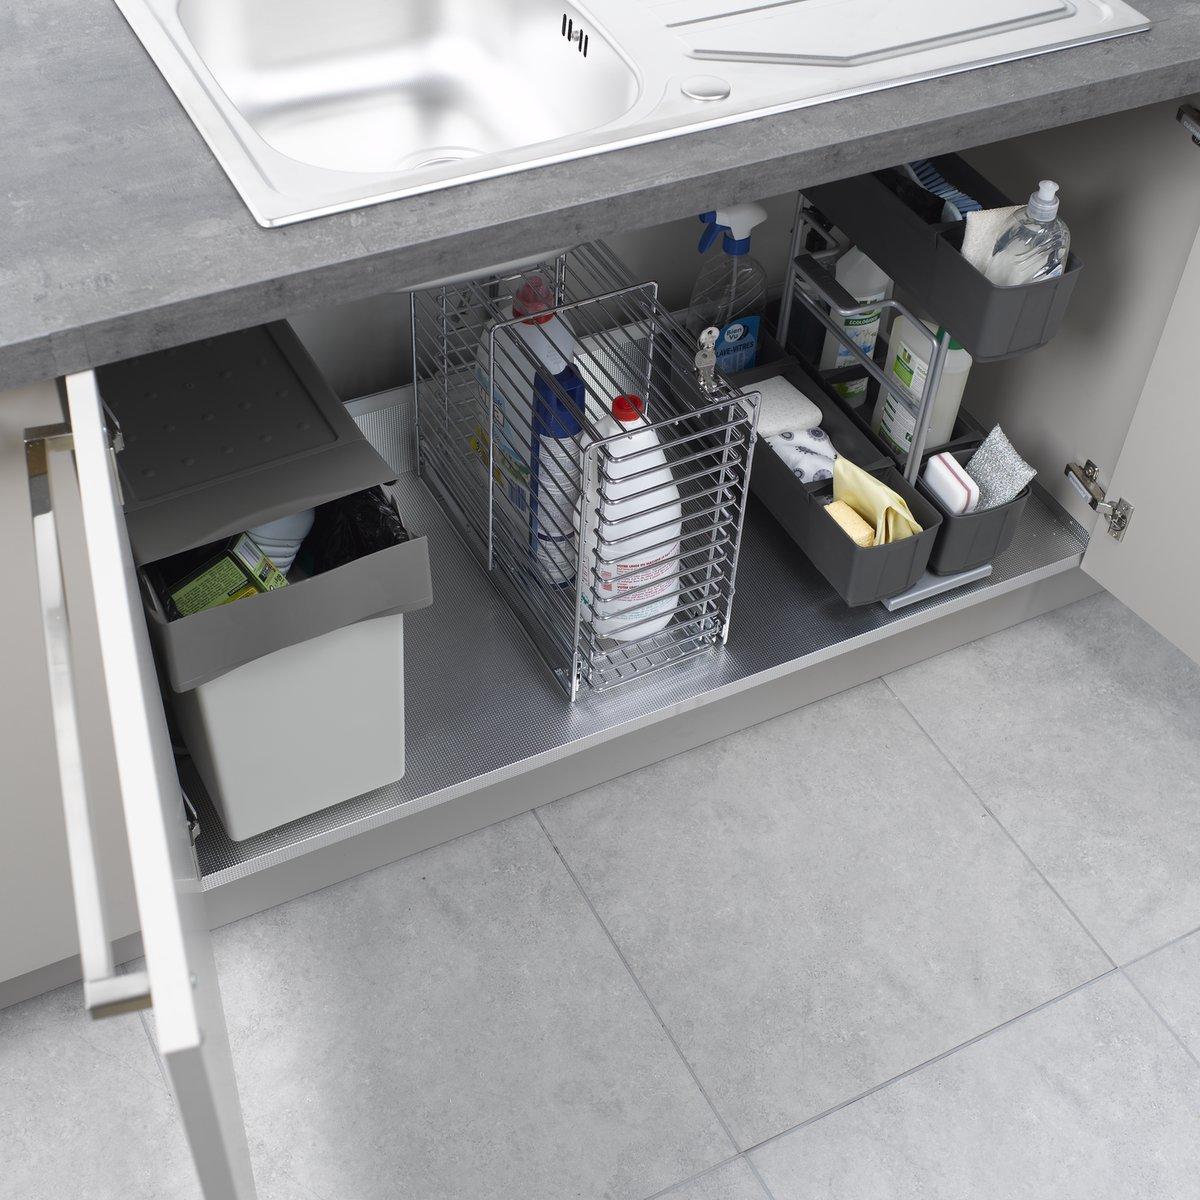 hauteur plan de travail cuisine cuisinella. Black Bedroom Furniture Sets. Home Design Ideas